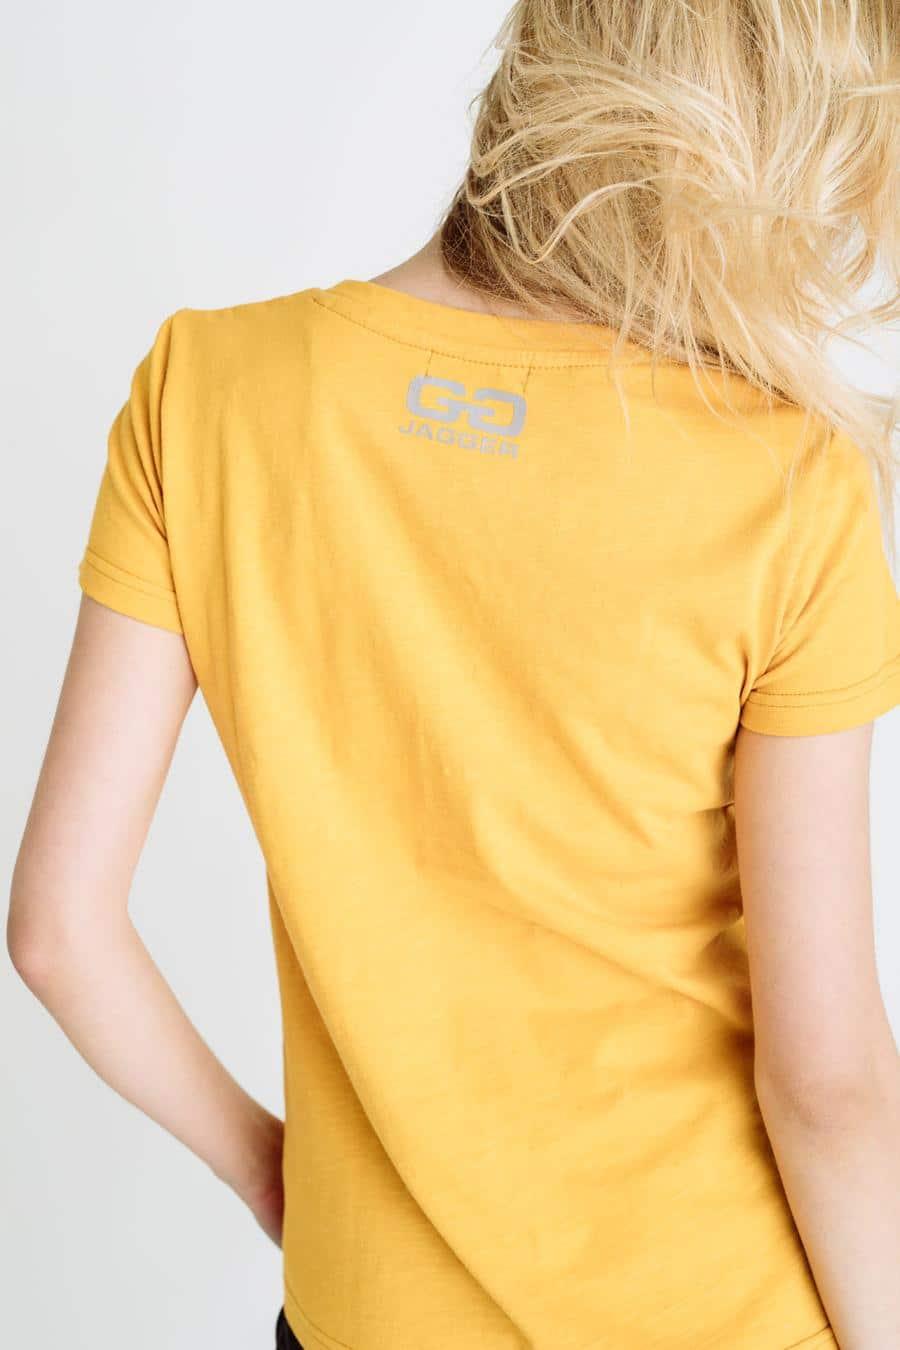 Jagger Zenska Majica Kolekcija Prolece Leto Ss2021 Kupi Online Jg 8441 08 2